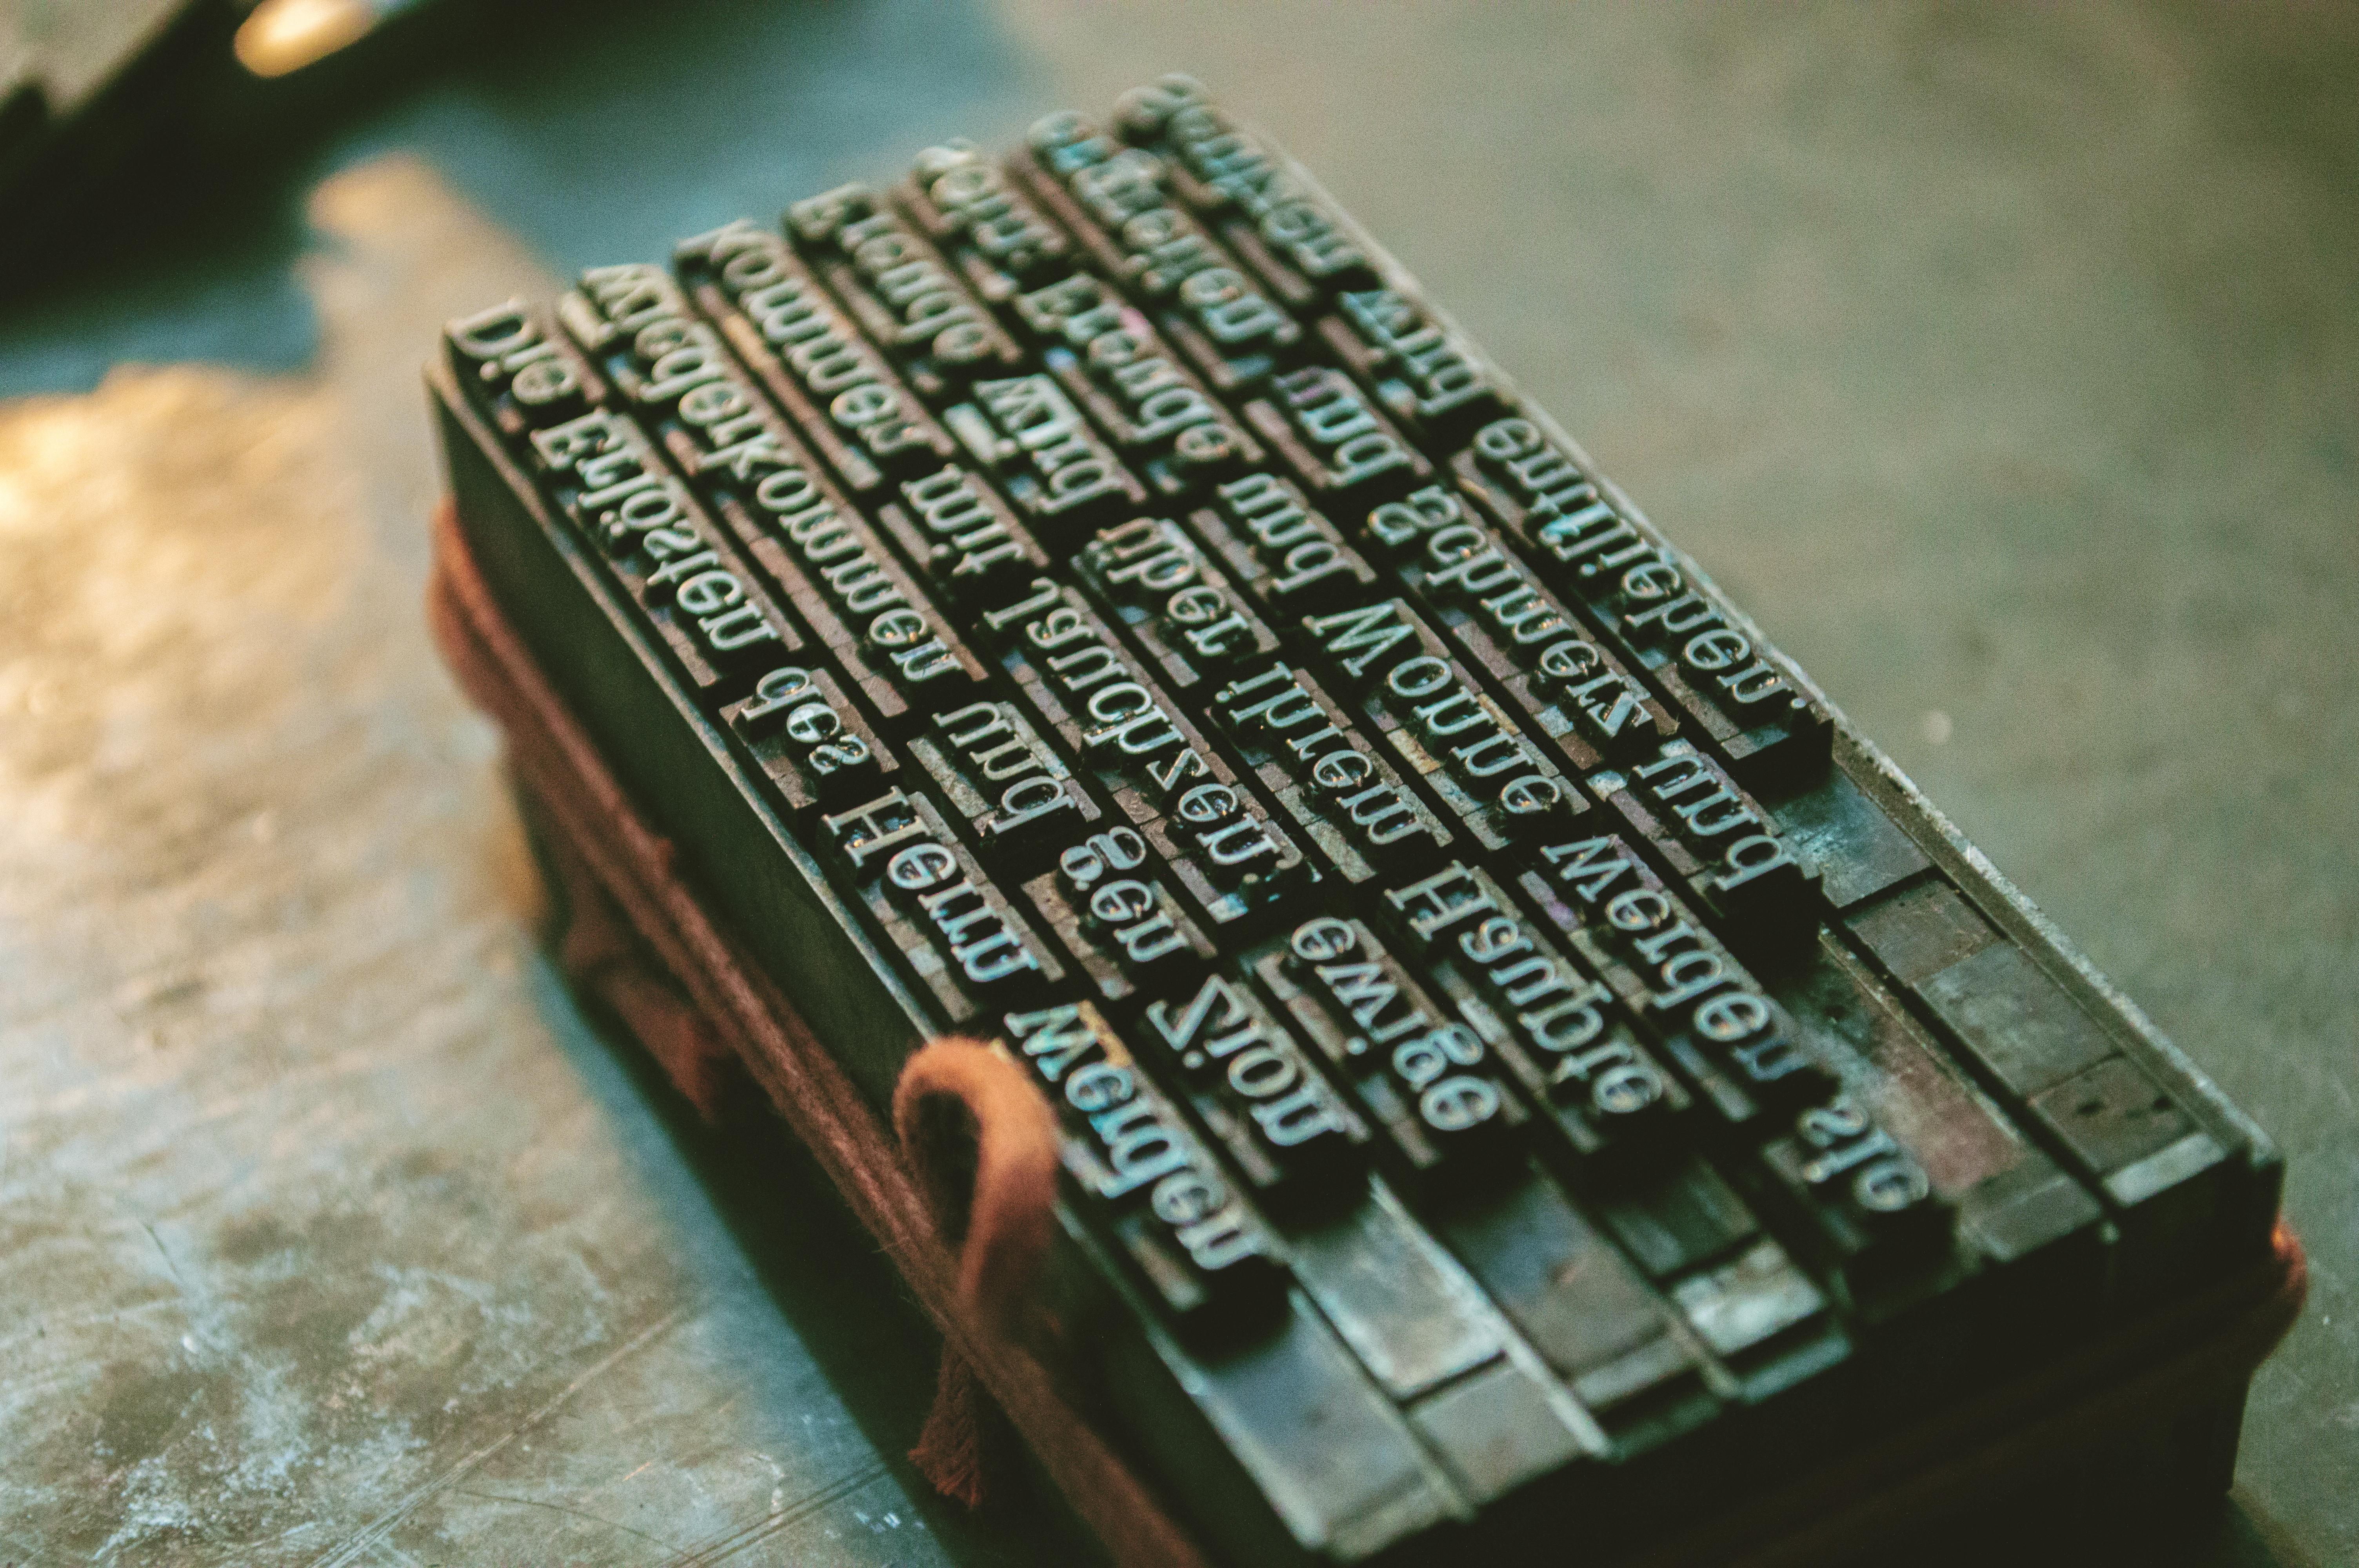 Typesetting / DTP